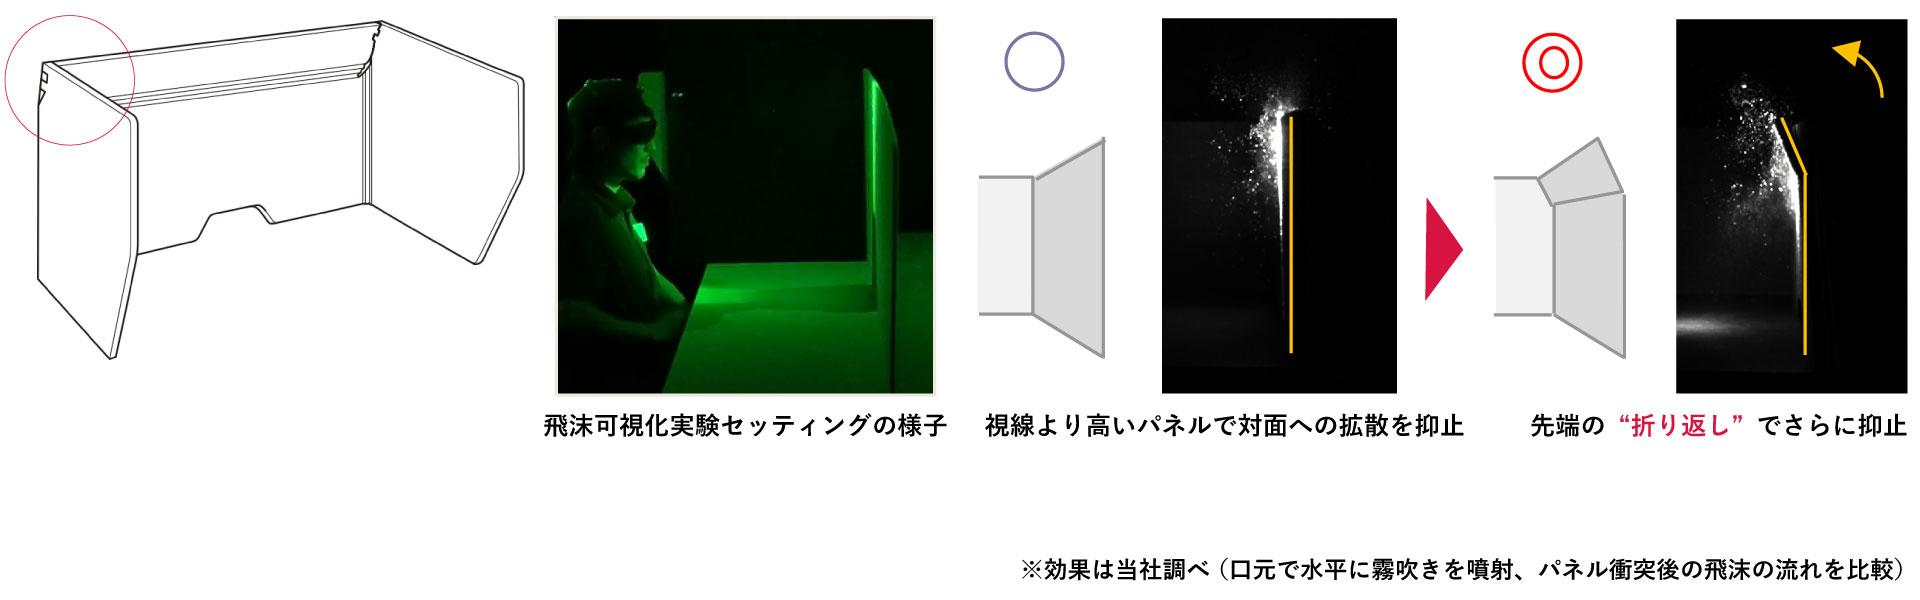 フォーカスパネル飛沫拡散実験.jpg